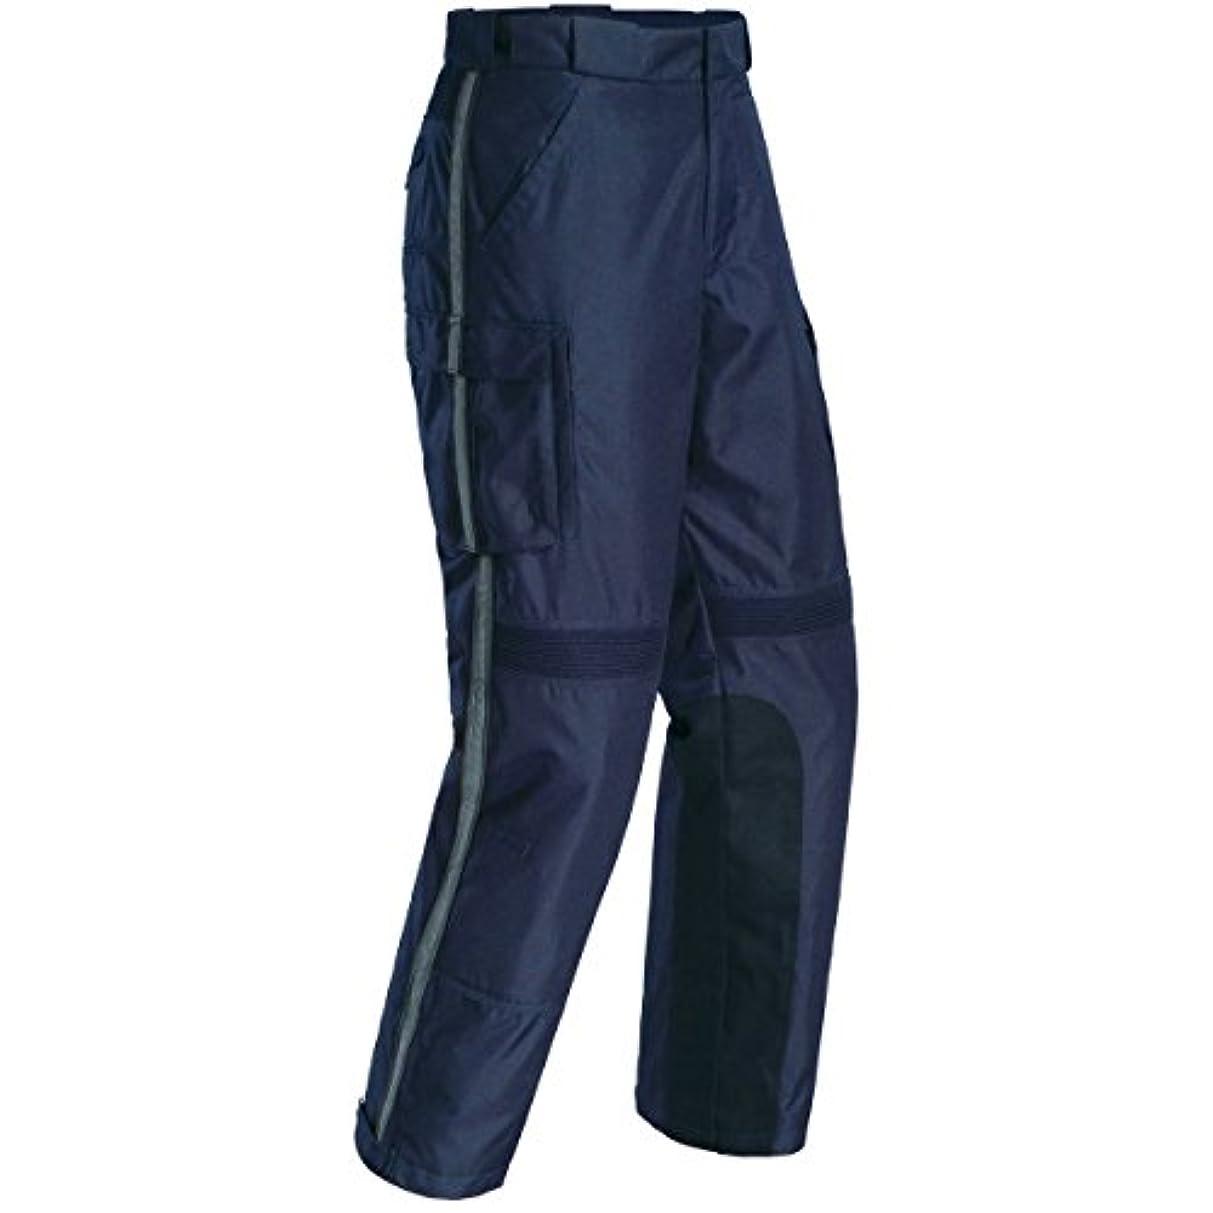 クレデンシャル複雑なリレーツアーマスターFlex Le 2.0 Men 's Textileストリートバイクパンツ – Navy X-Large Short ブルー 8705-0212-27-HH